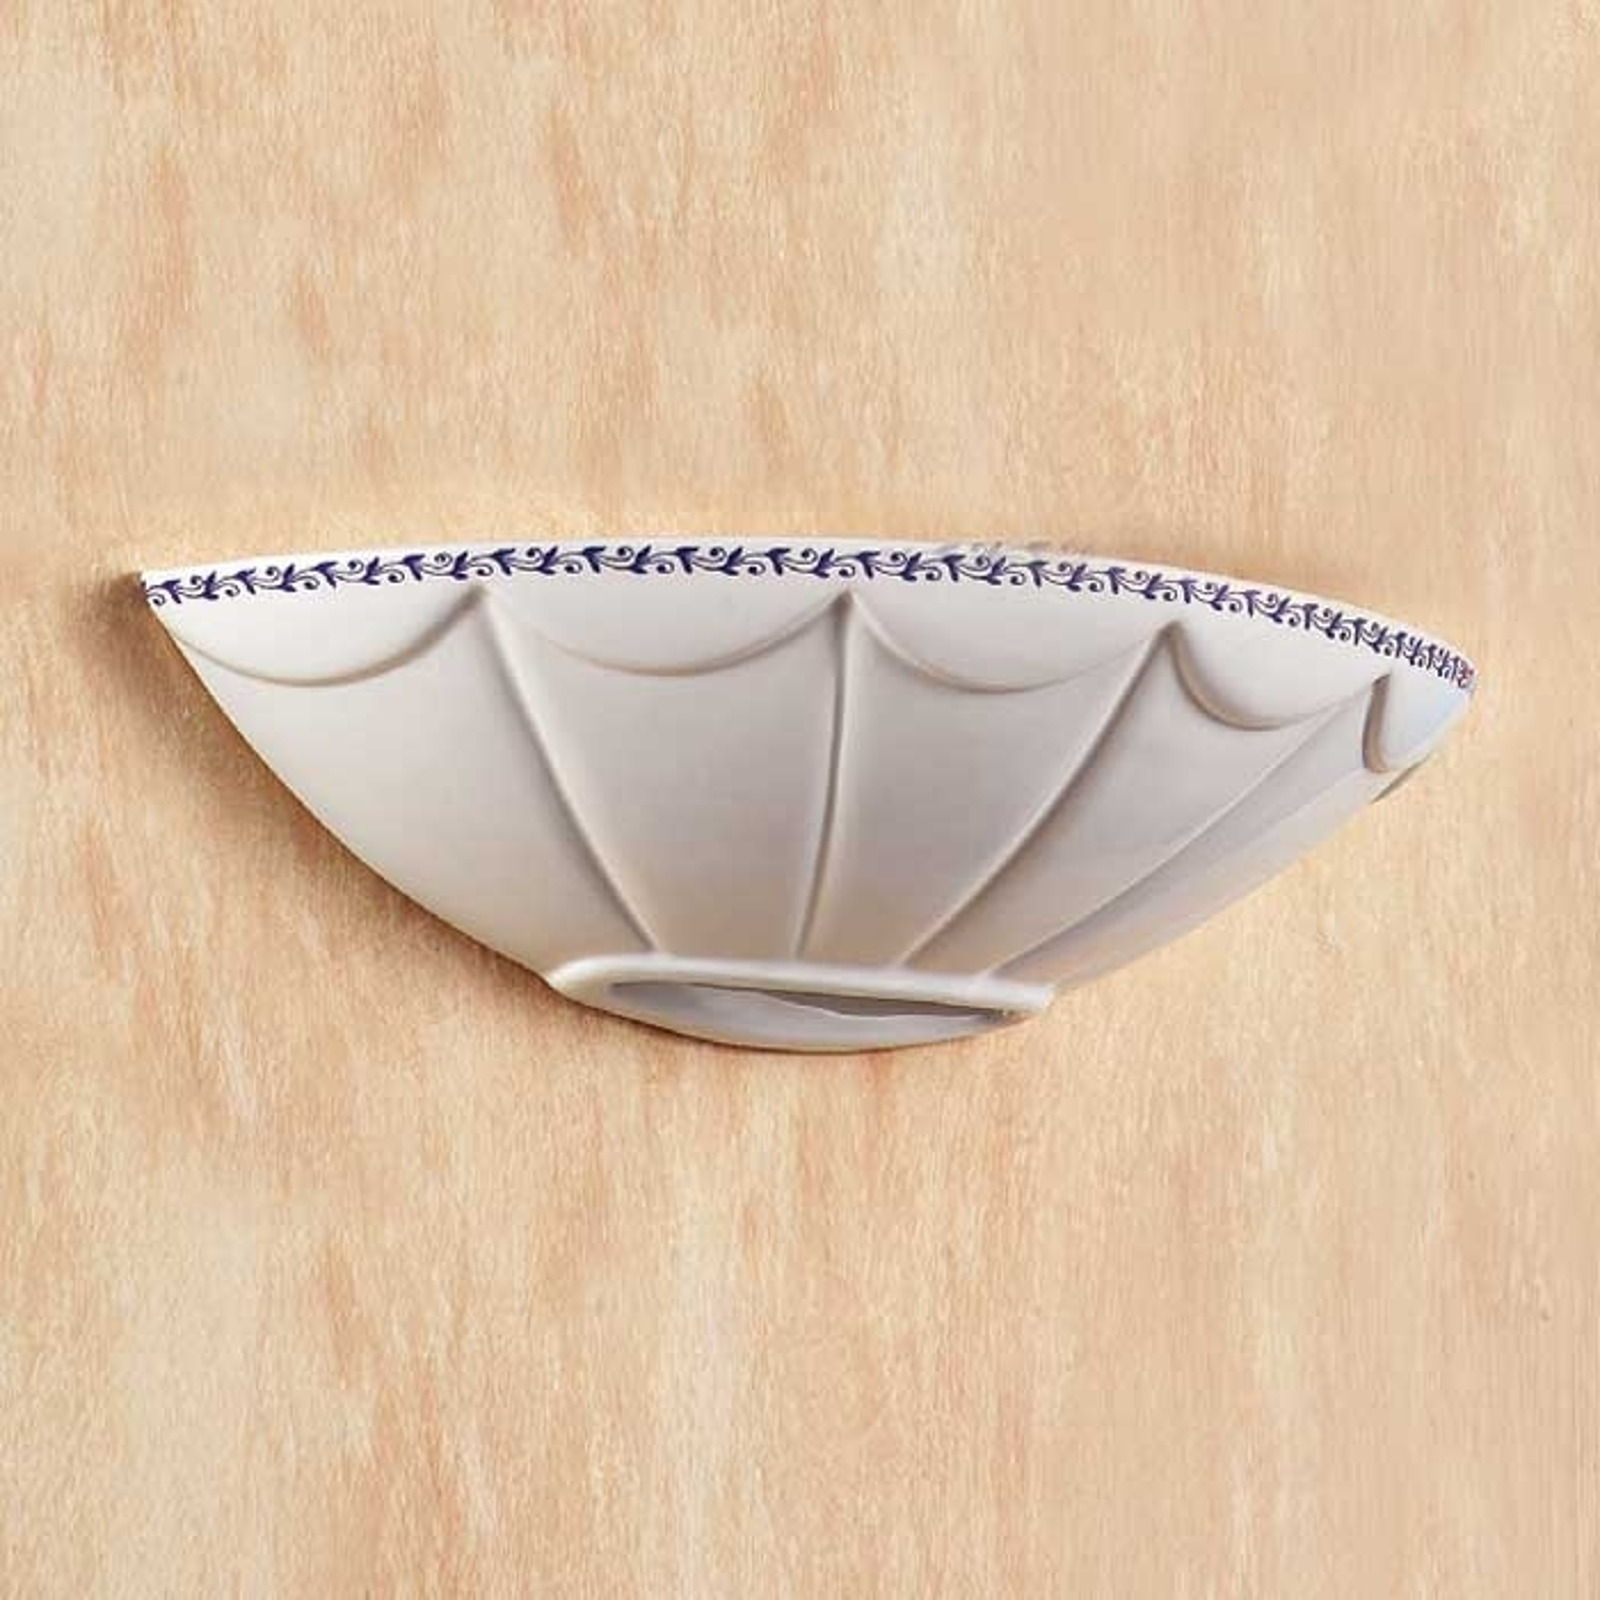 Wandlamp Il Punti met halfronde keramische schaal